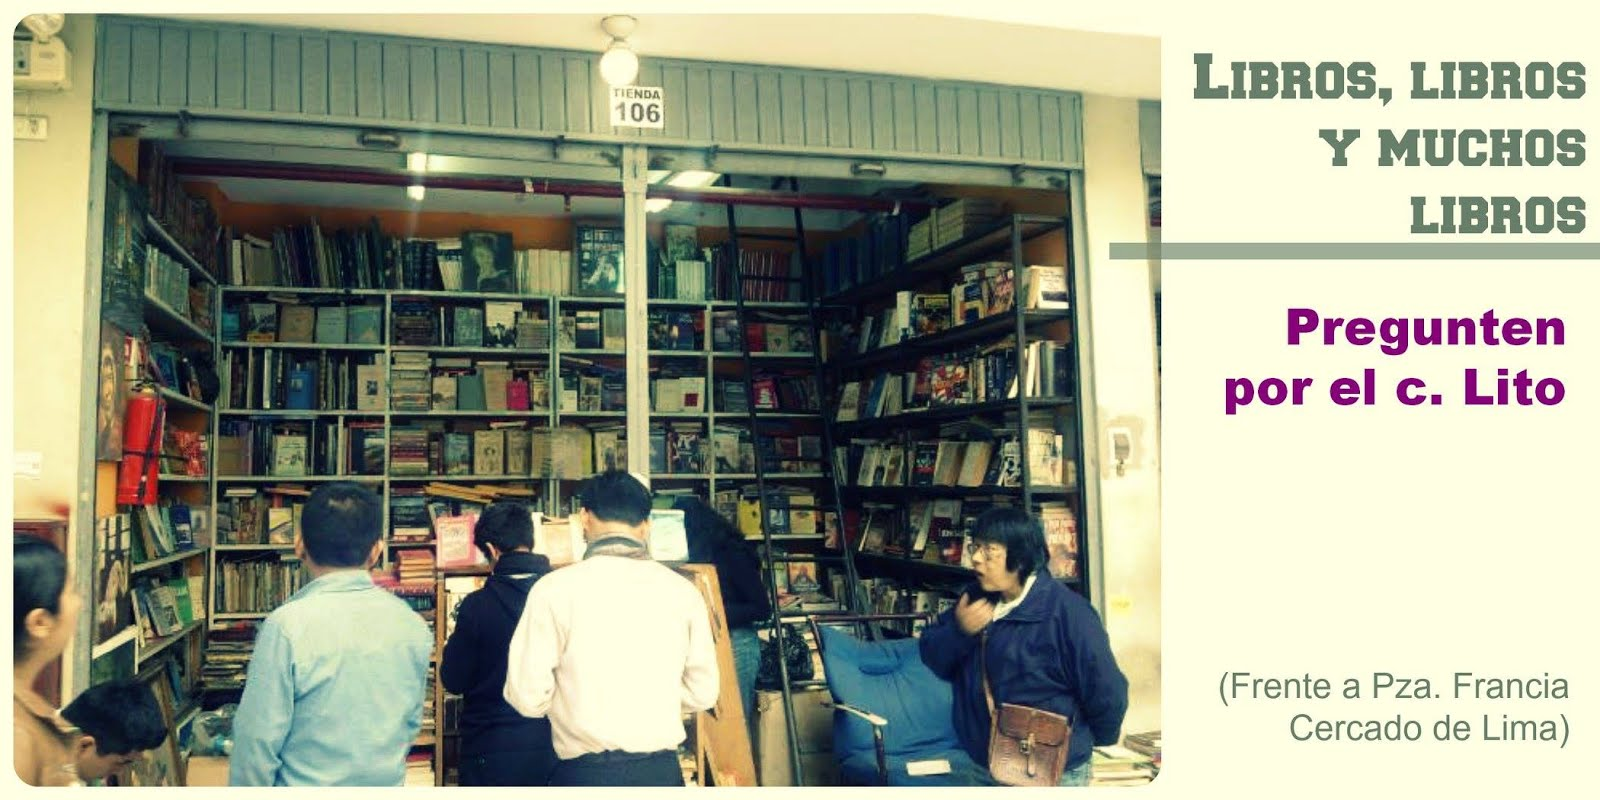 c. Lito = libros y buen precio